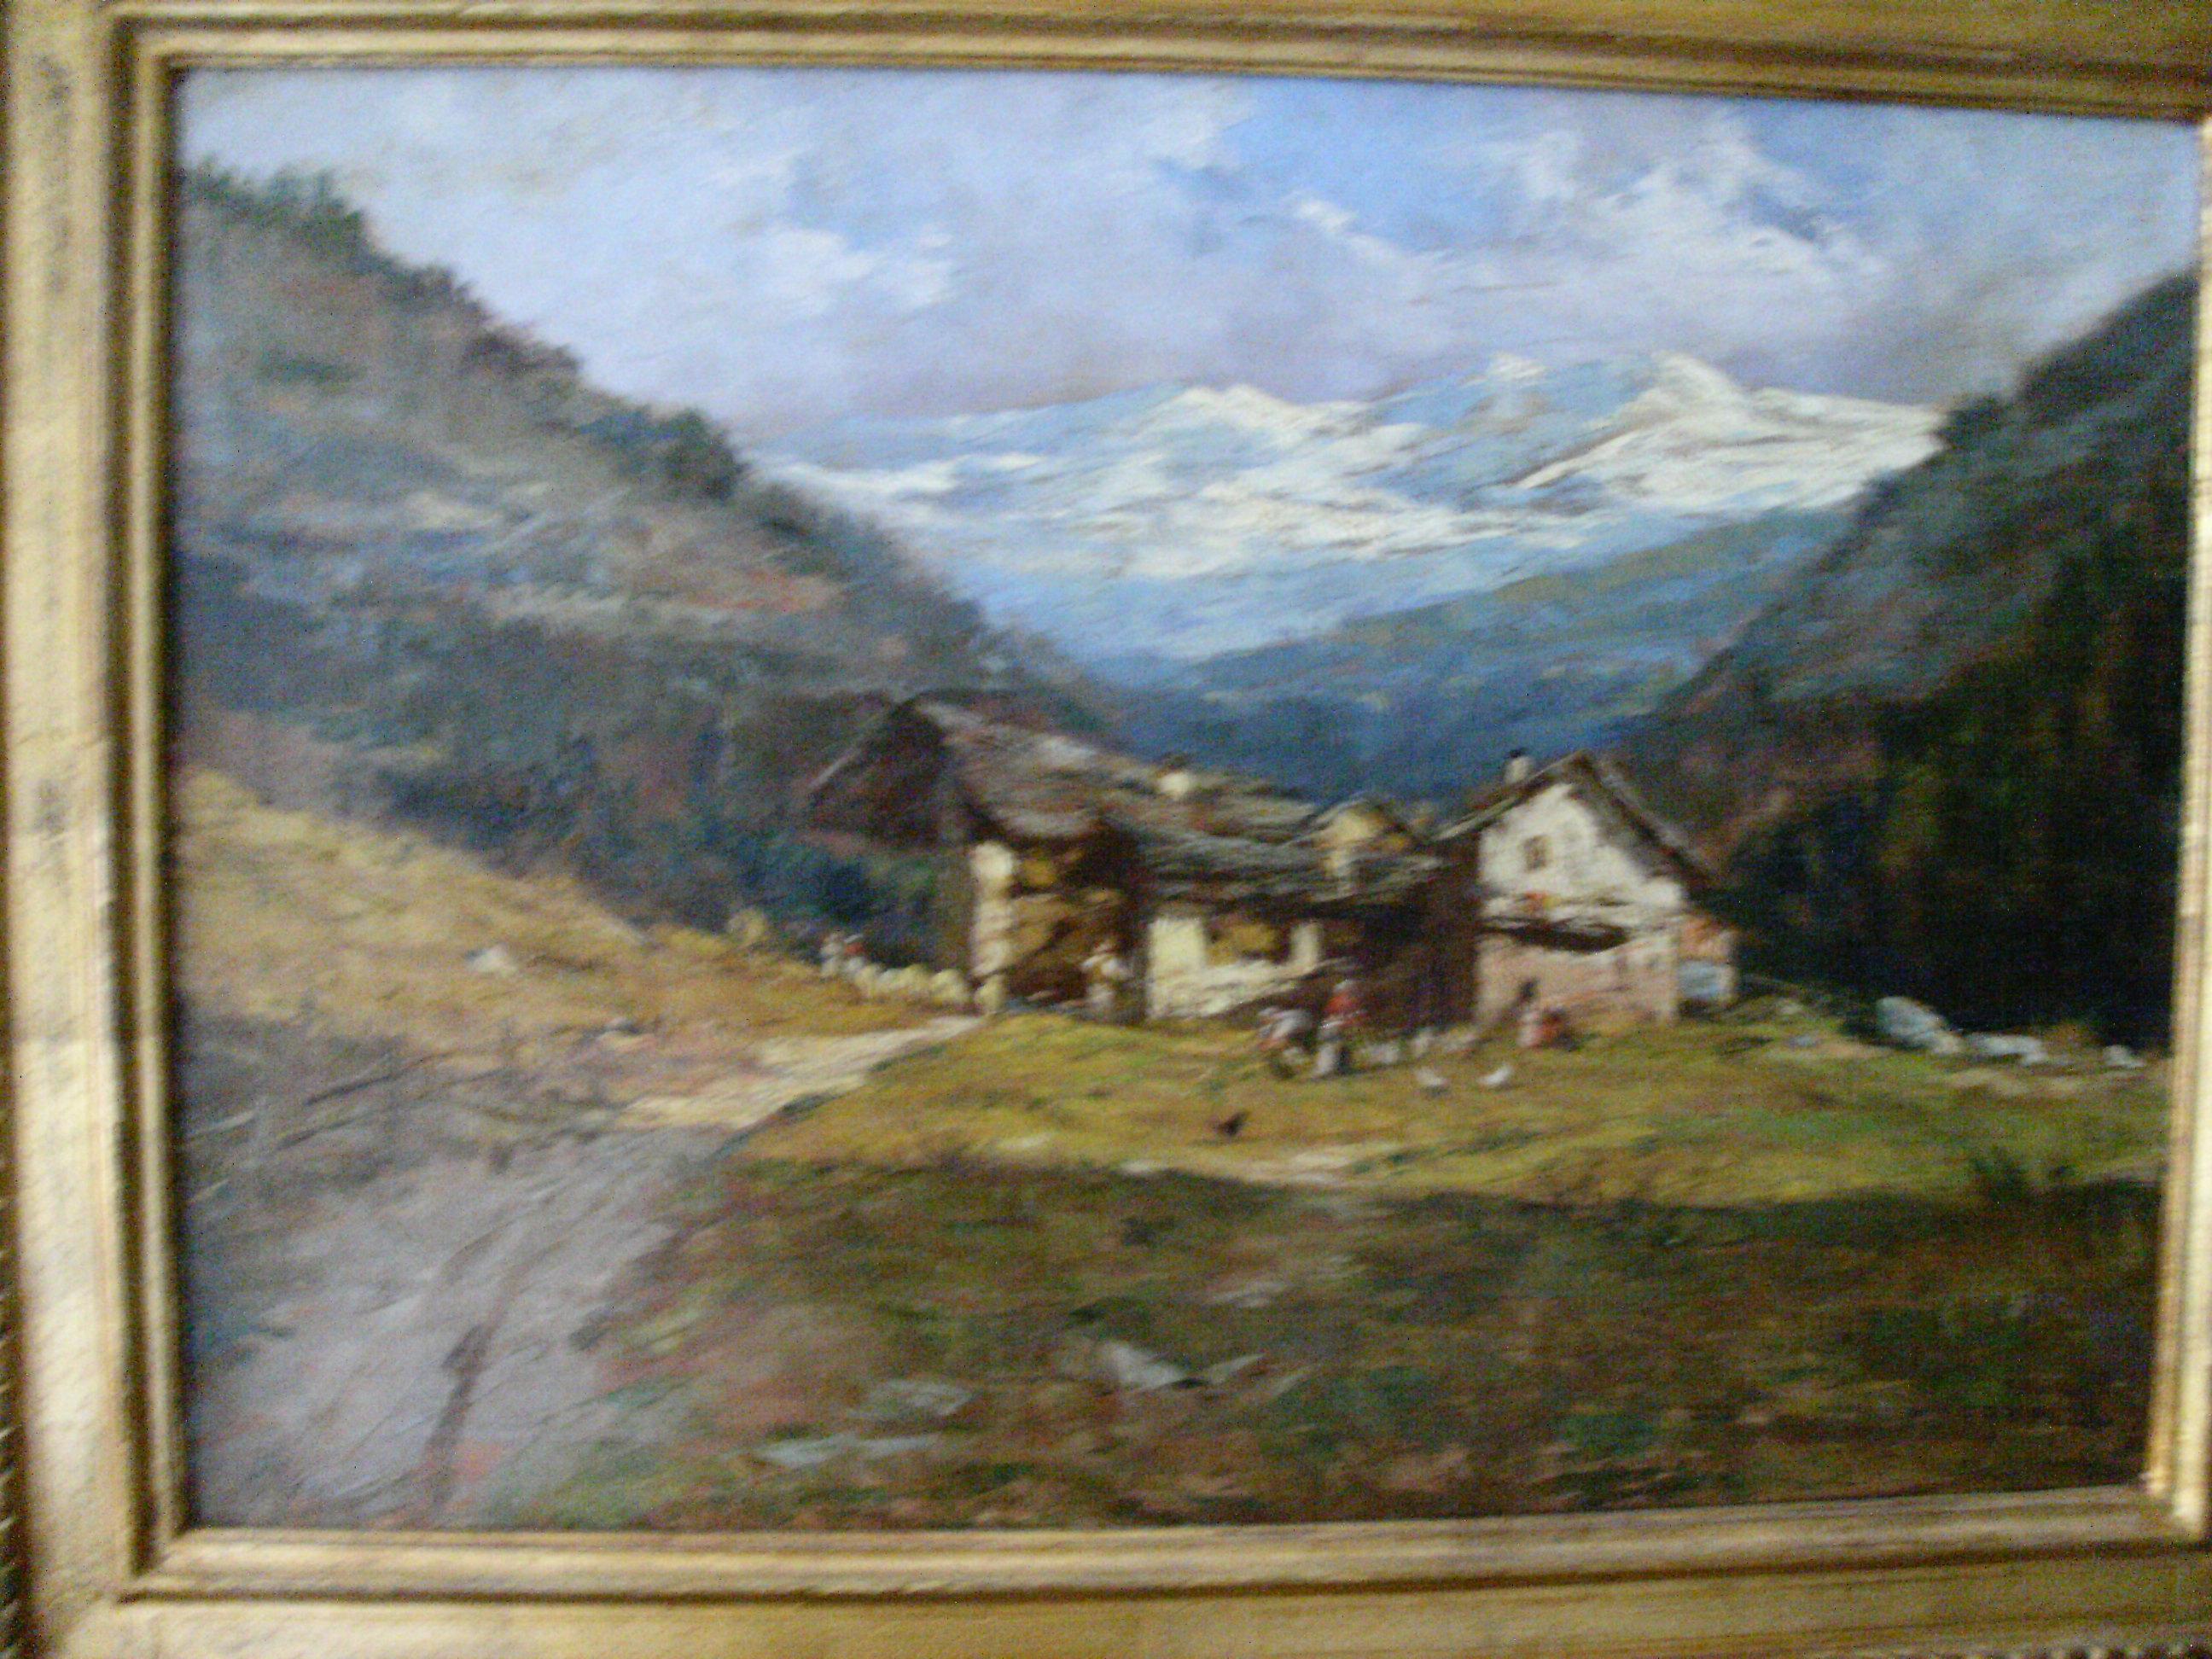 Arte pittura fine 800 opere e prezzi piccolipiaceri for Moretti foggia pittore